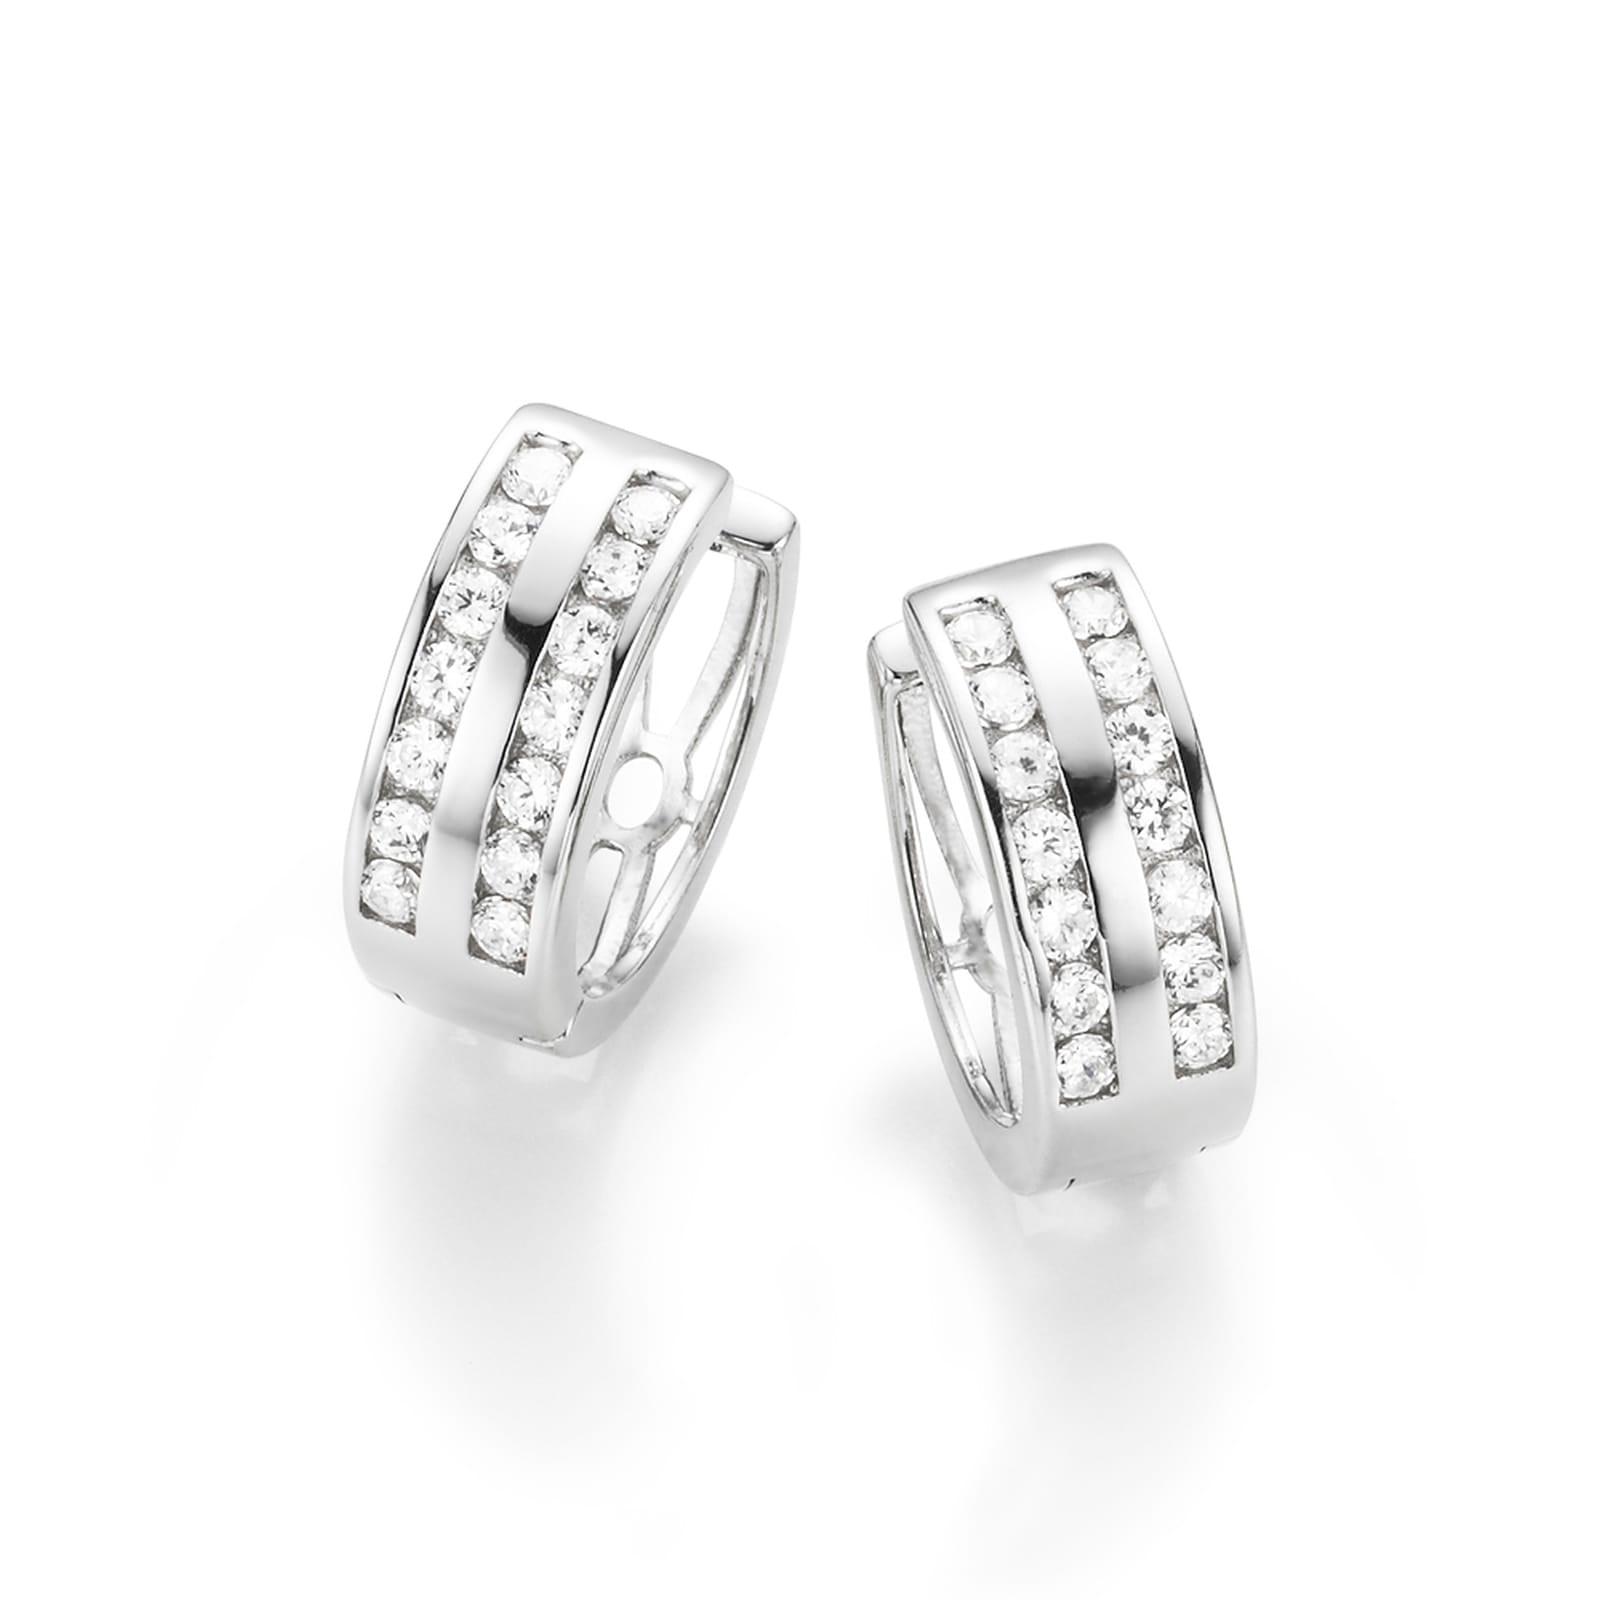 Smart Jewel Paar Creolen mit Zirkonia Steine in zweireihiger Optik, Silber